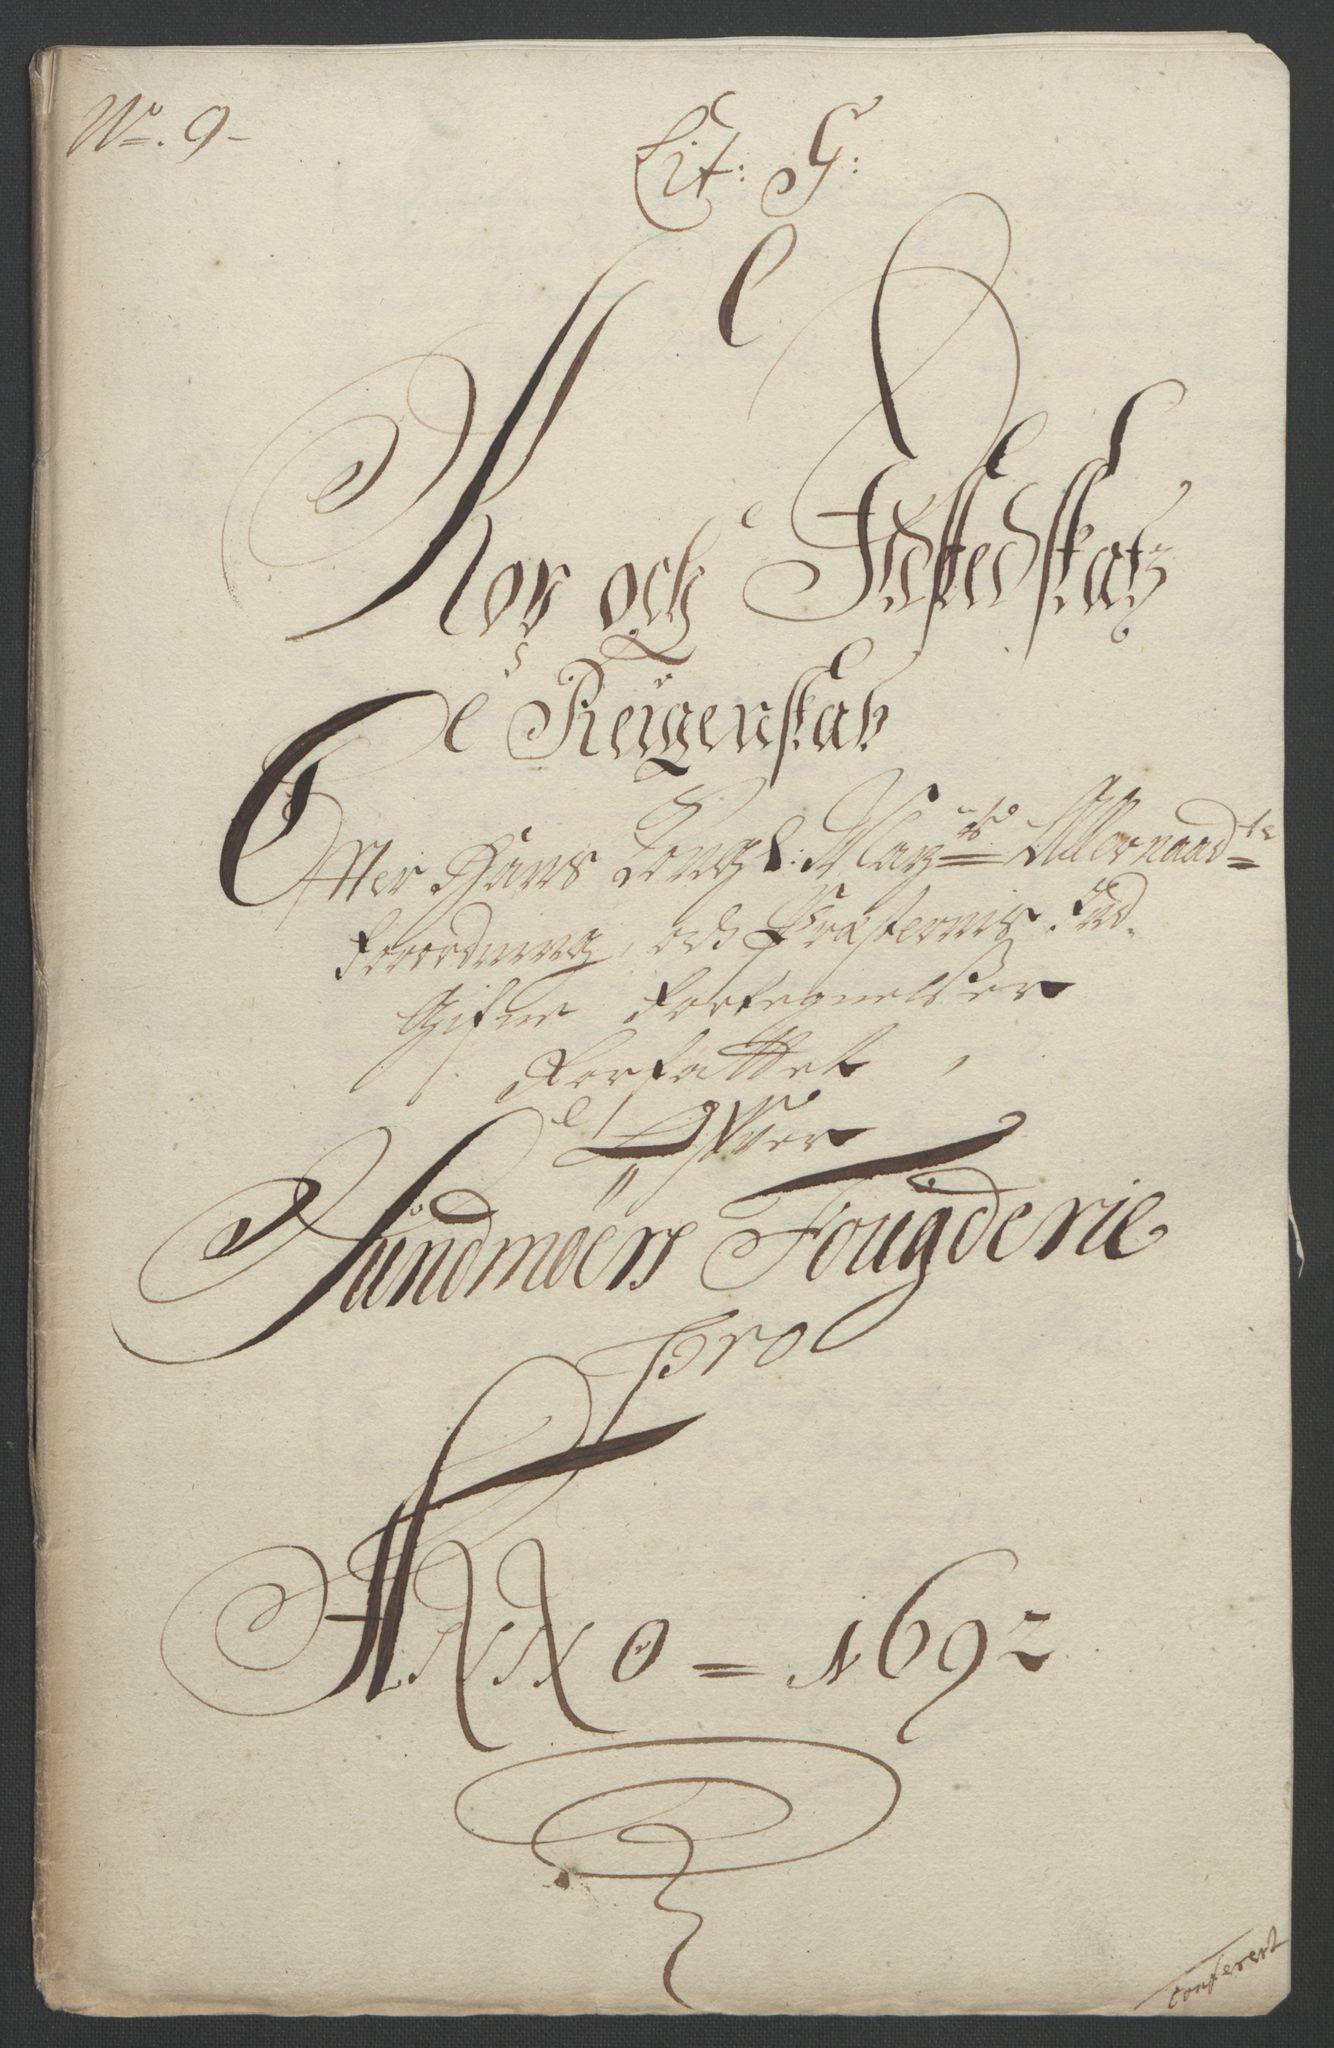 RA, Rentekammeret inntil 1814, Reviderte regnskaper, Fogderegnskap, R54/L3554: Fogderegnskap Sunnmøre, 1691-1693, s. 272